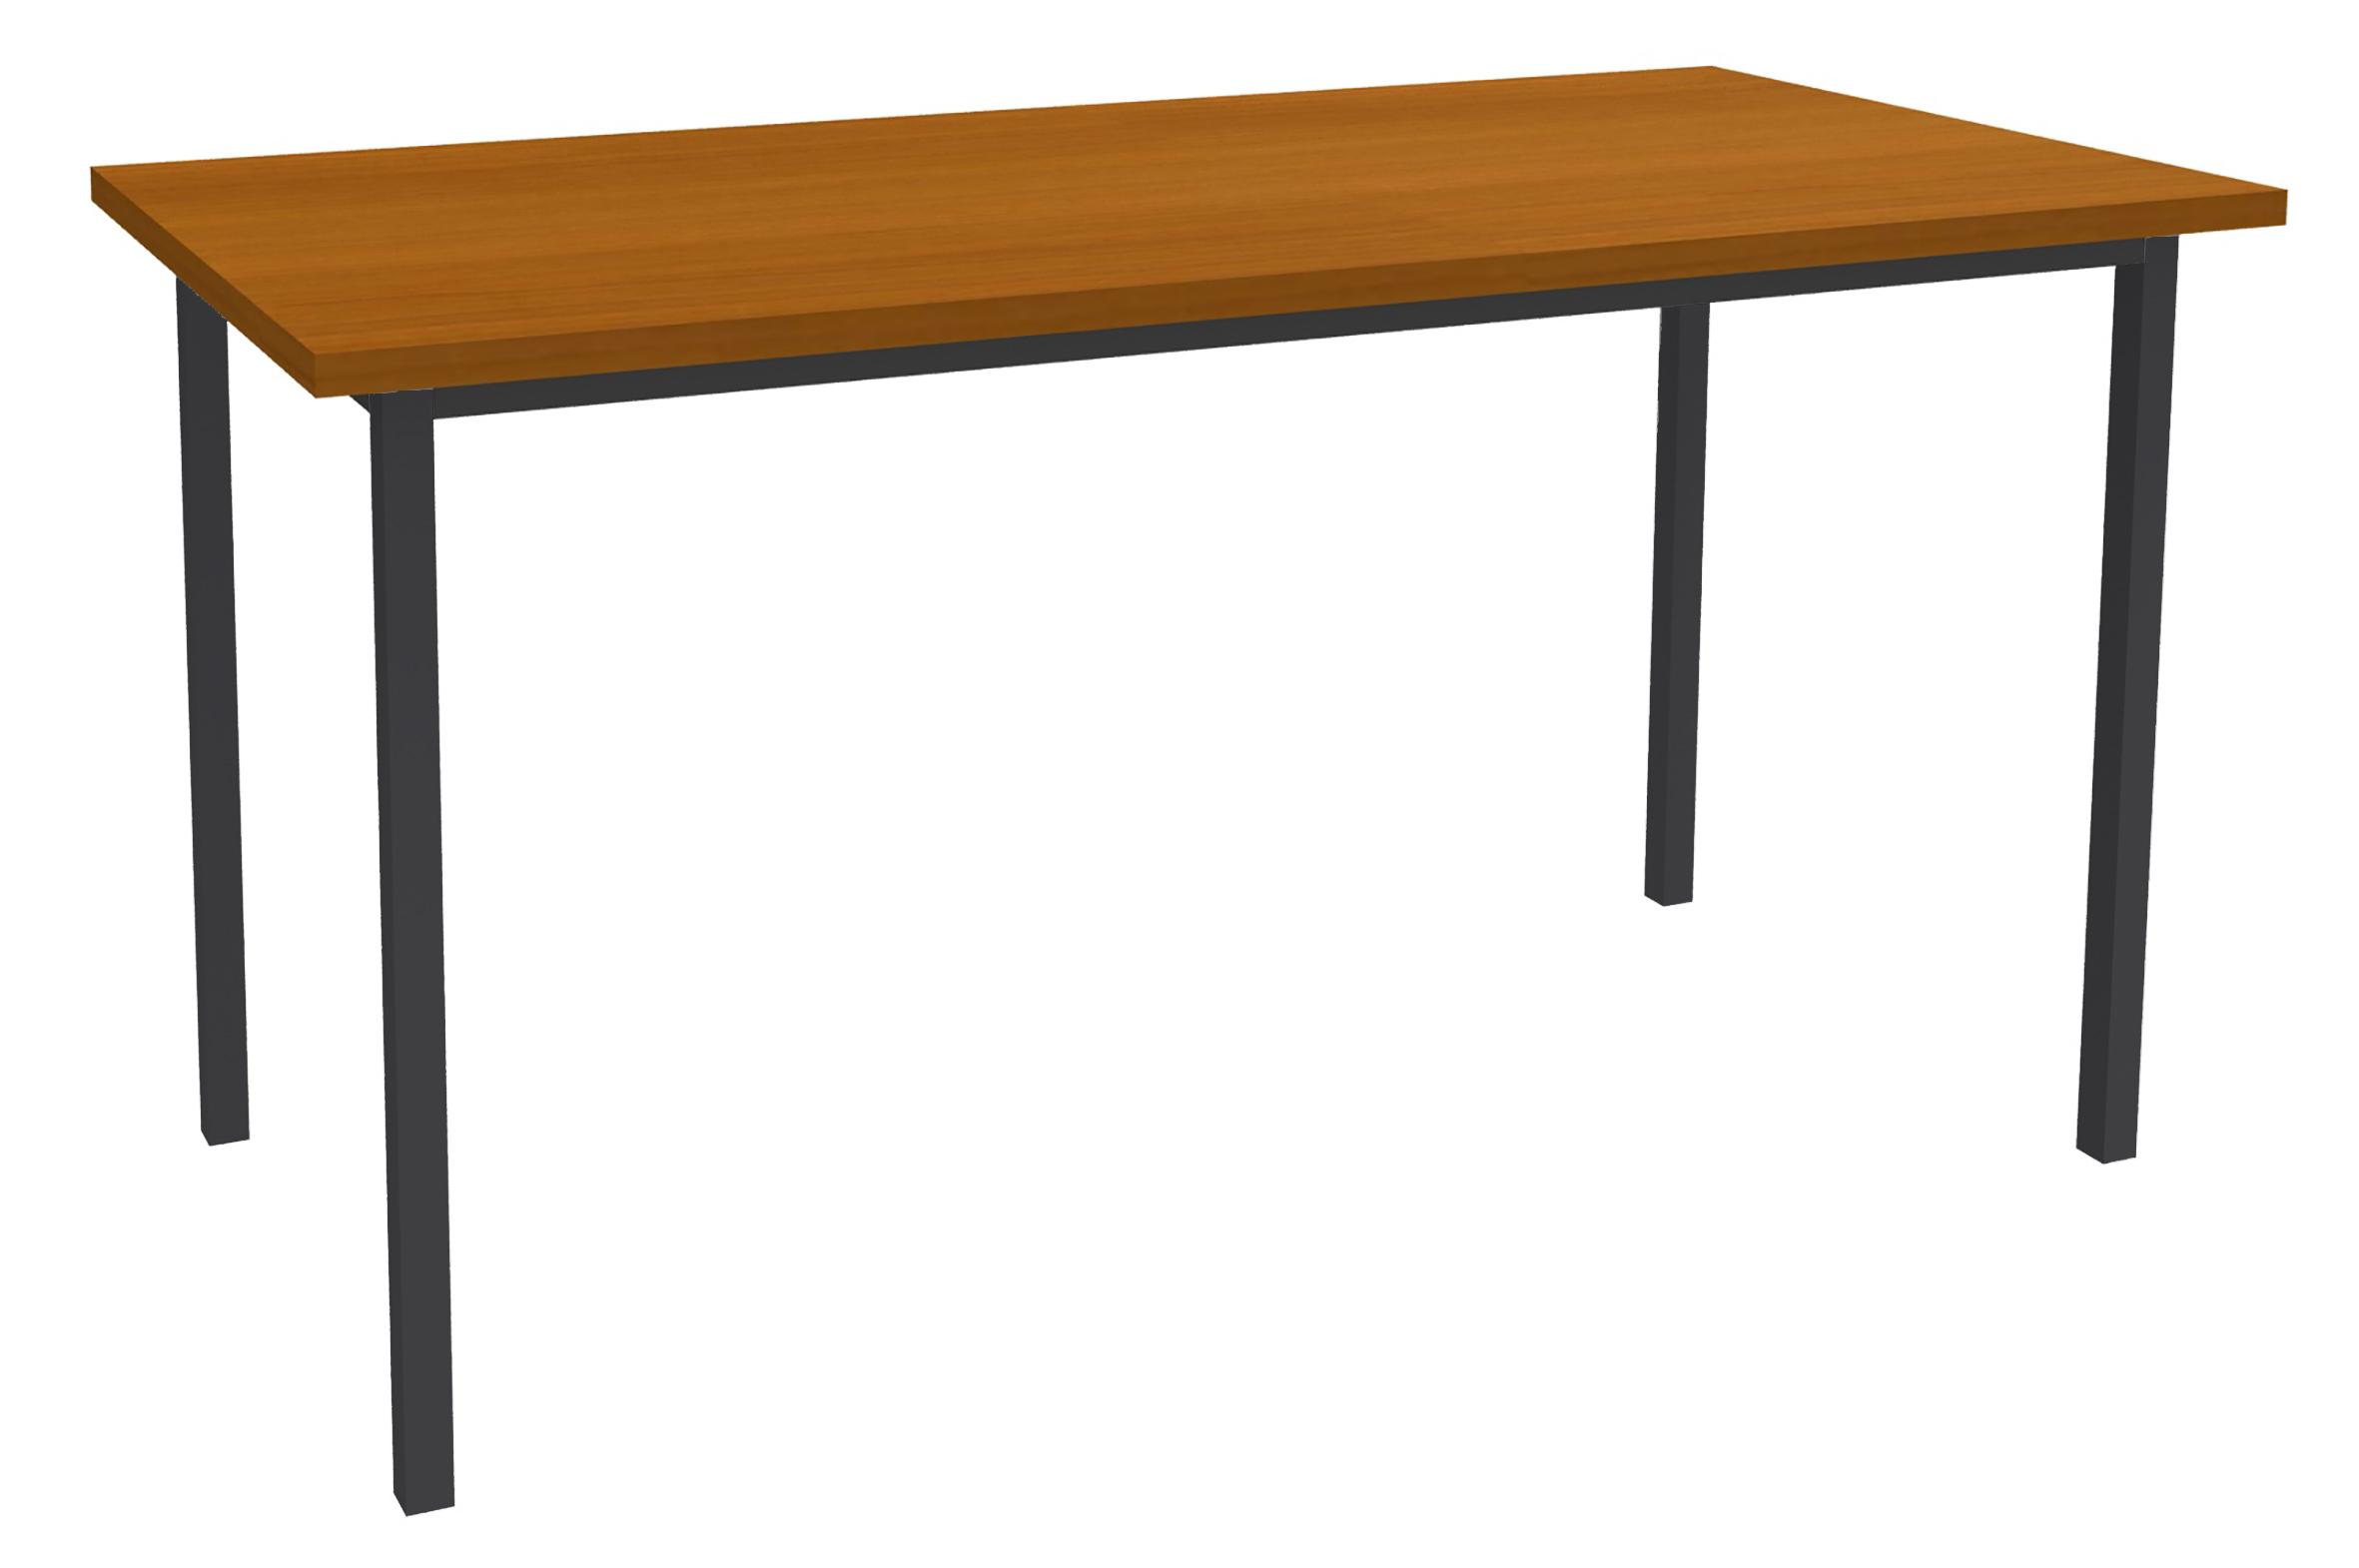 Table de réunion Rectangulaire - 120 x 60 cm - Pieds anthracite - imitation merisier